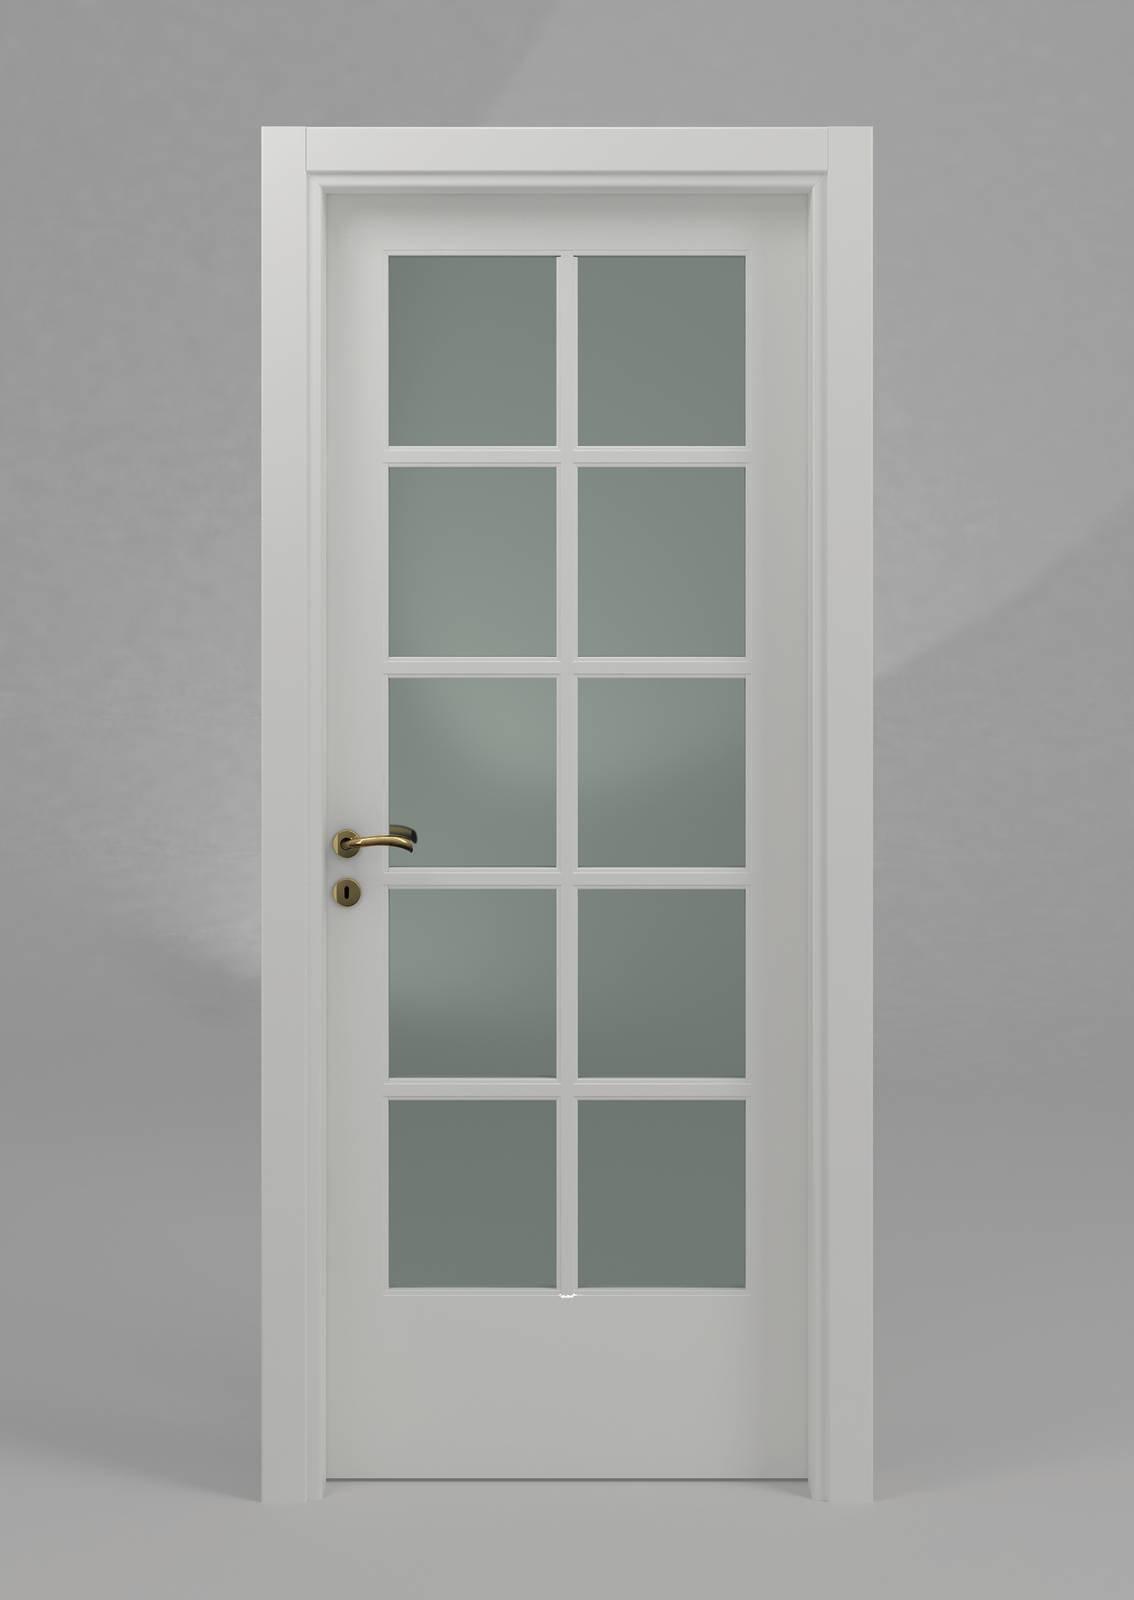 Porte Interne Usate Bianche abbinare porte e maniglie: come scegliere stili e colori